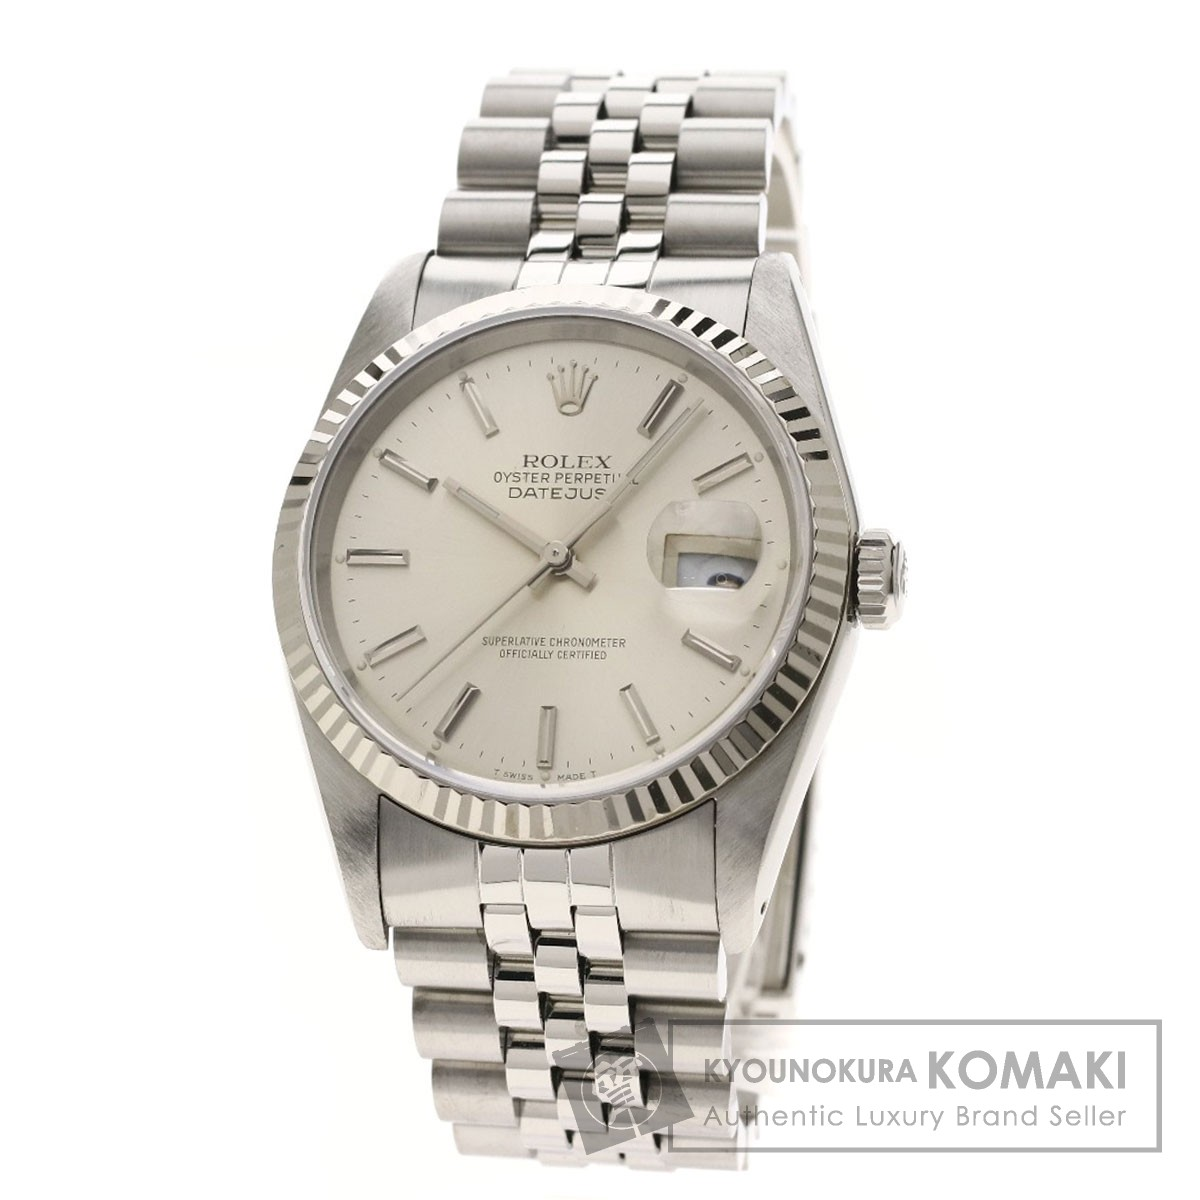 ロレックス 16234 デイトジャスト バーインデックス 腕時計 ステンレススチール/SS/K18WG メンズ 【中古】【ROLEX】